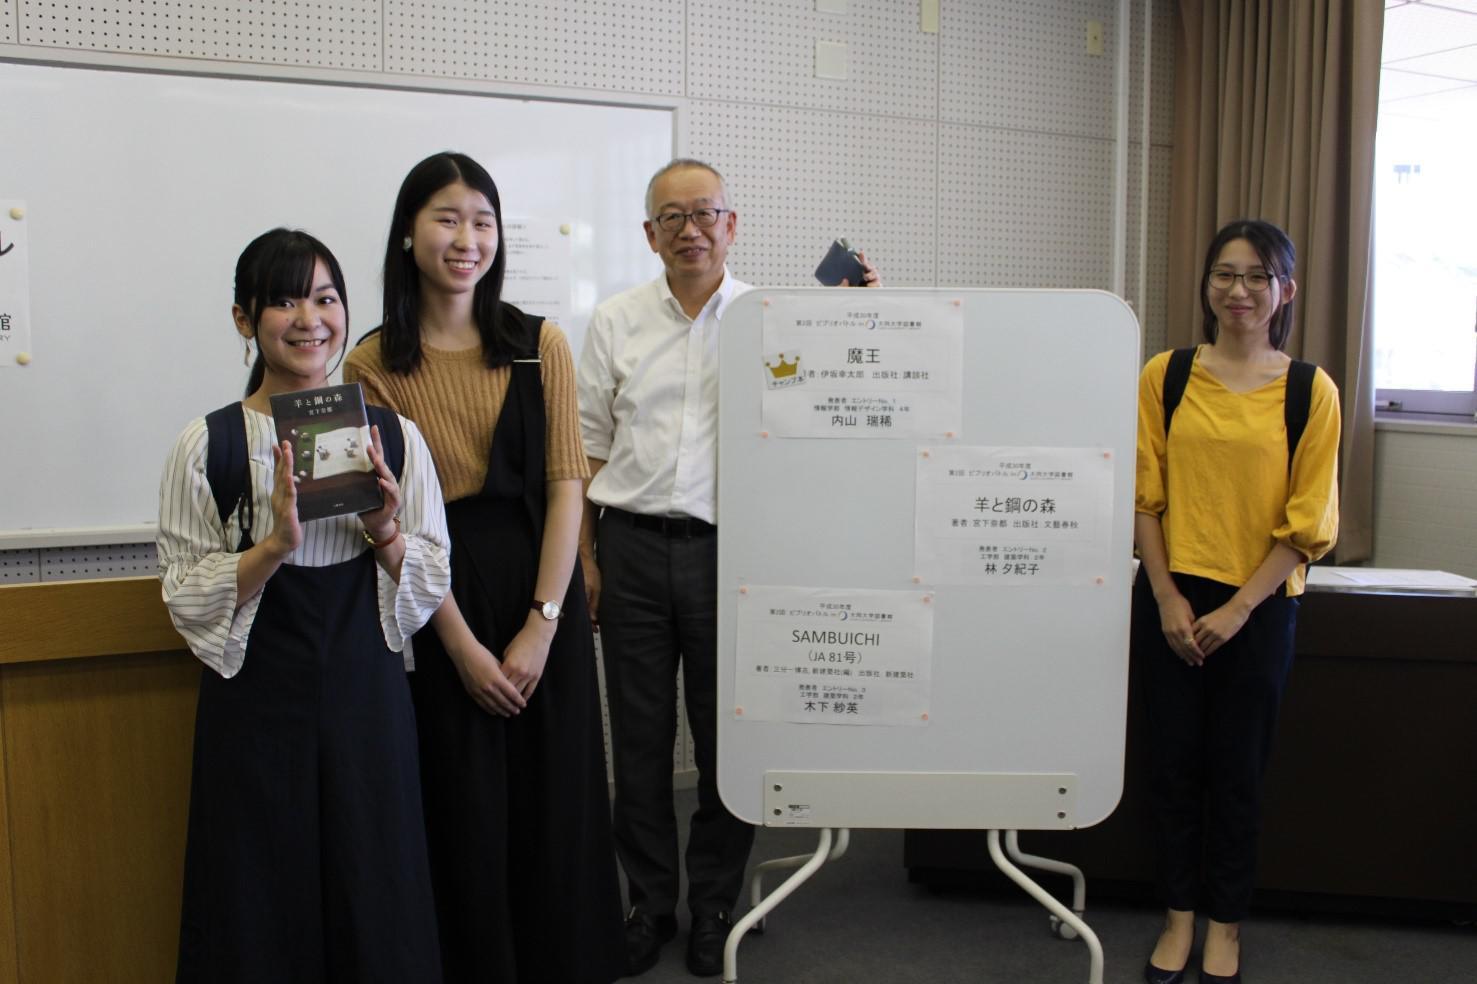 左から、林夕紀子さん、木下紗英さん、坂倉図書館長、内山瑞稀さん